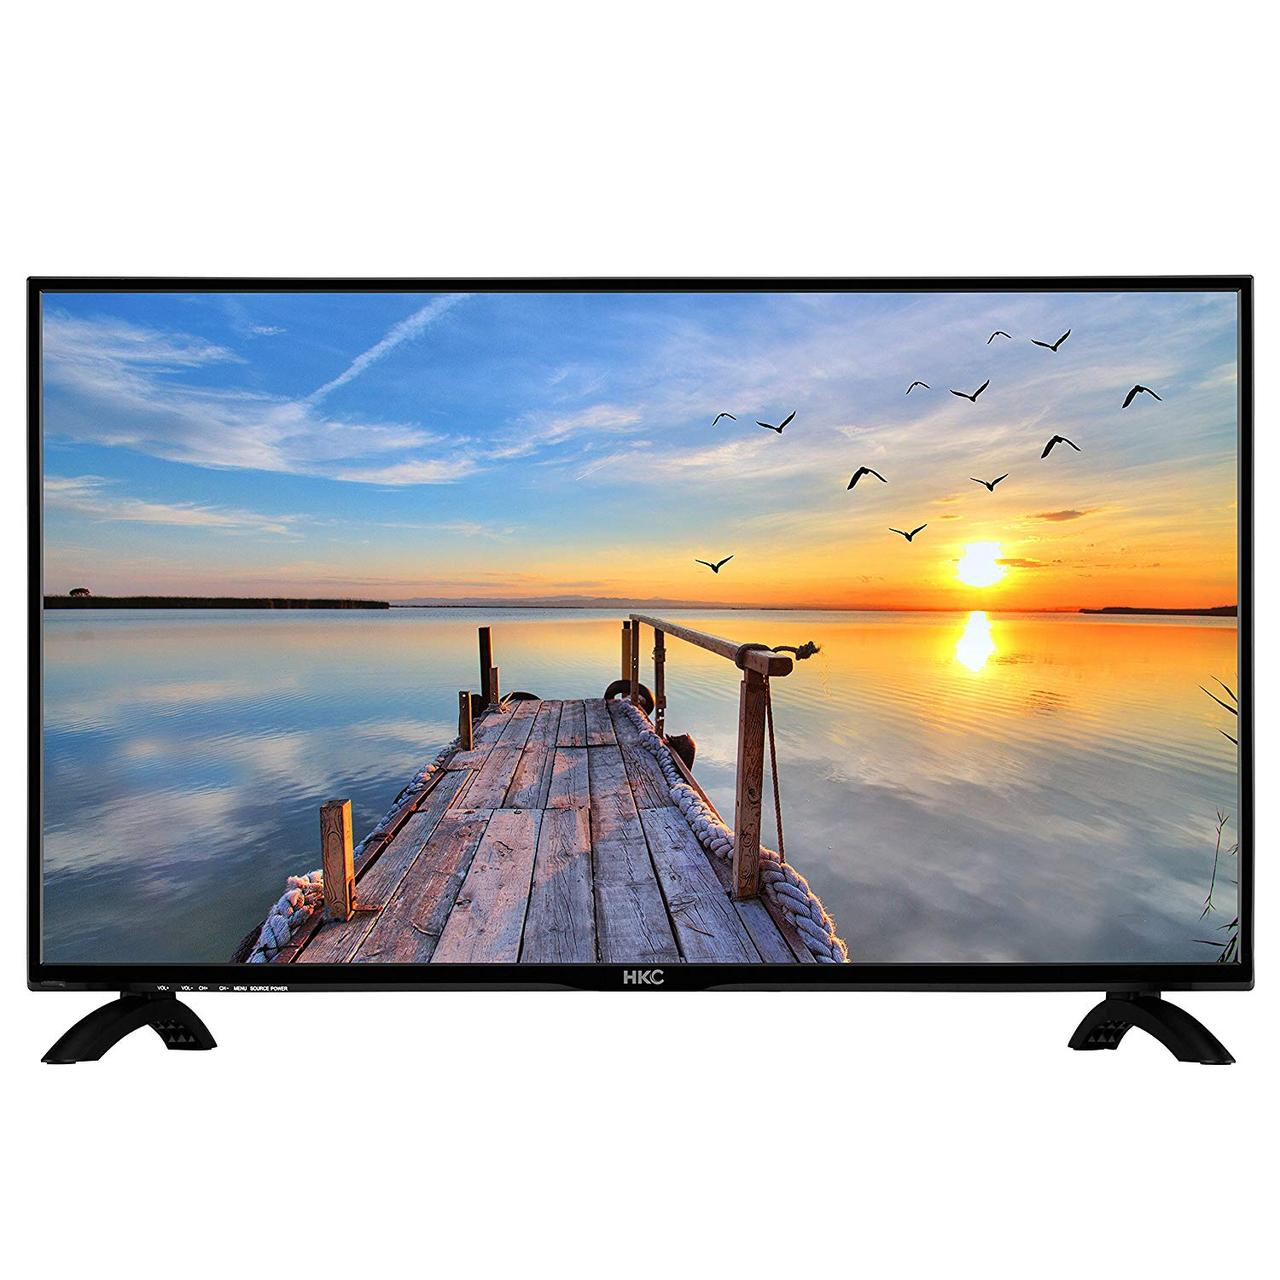 Телевизор HKC 50F1 (50 дюйма, Full HD, 400 Гц, HDMI,USB)